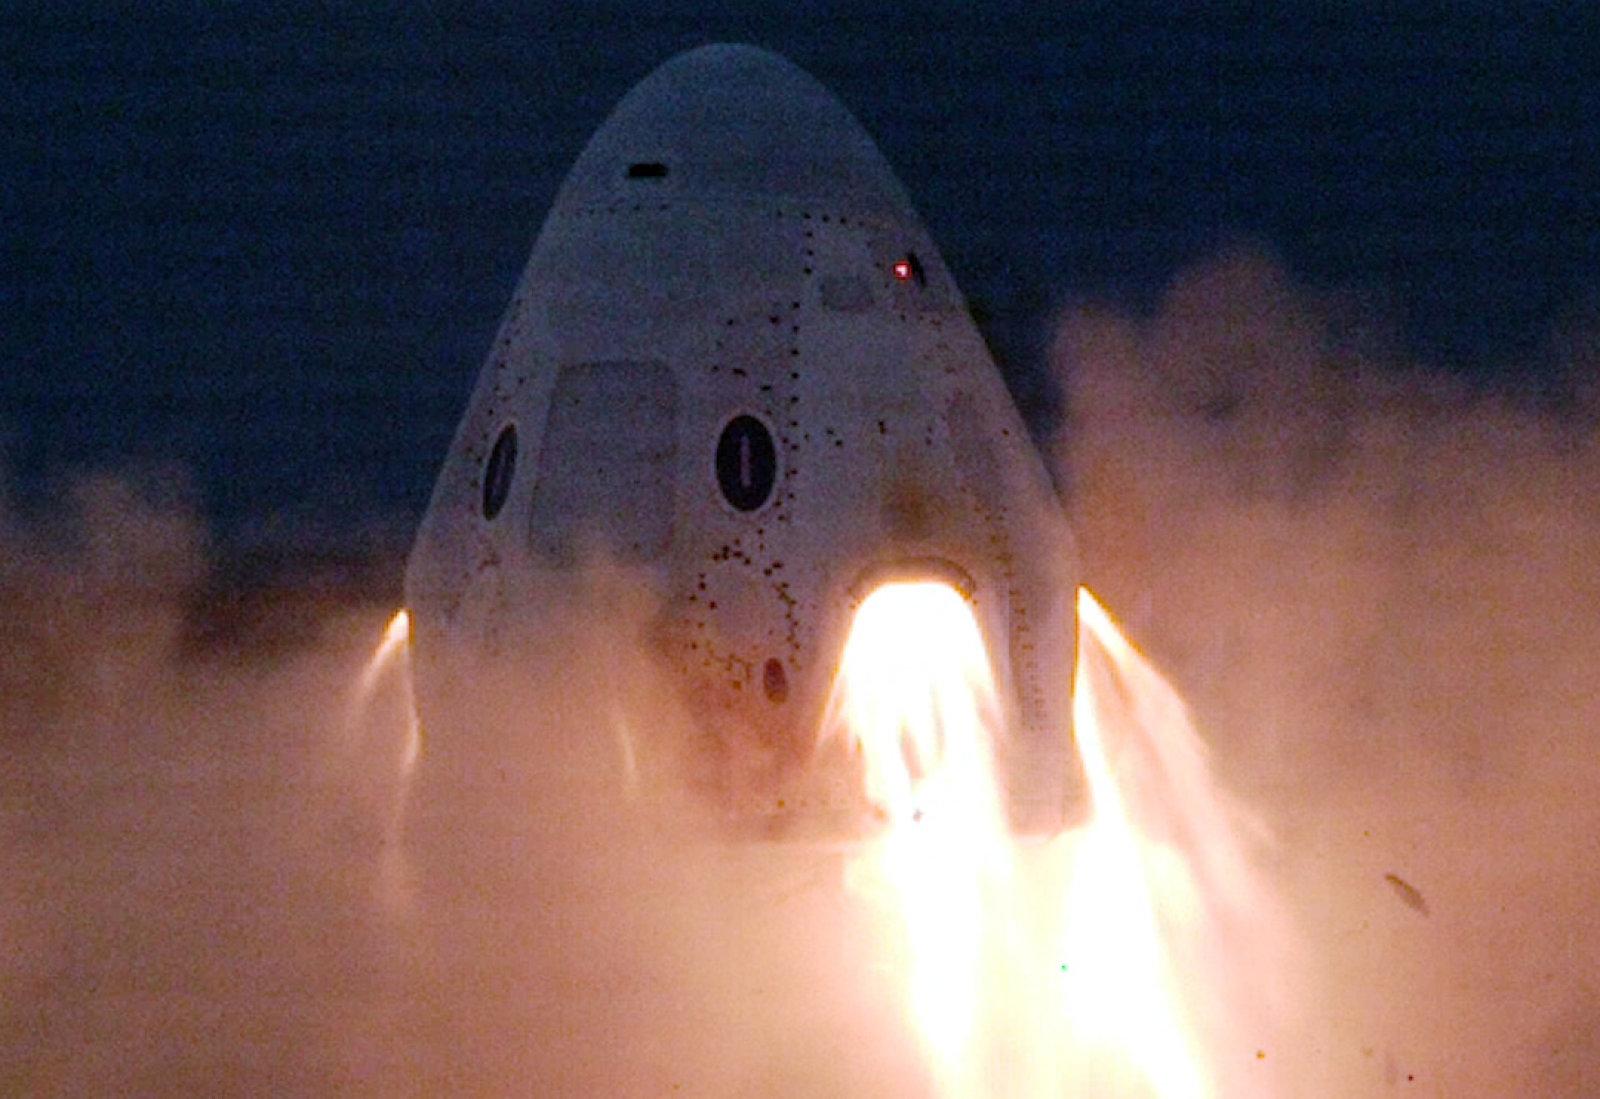 Nouvel essai réussi pour la capsule Crew Dragon de SpaceX